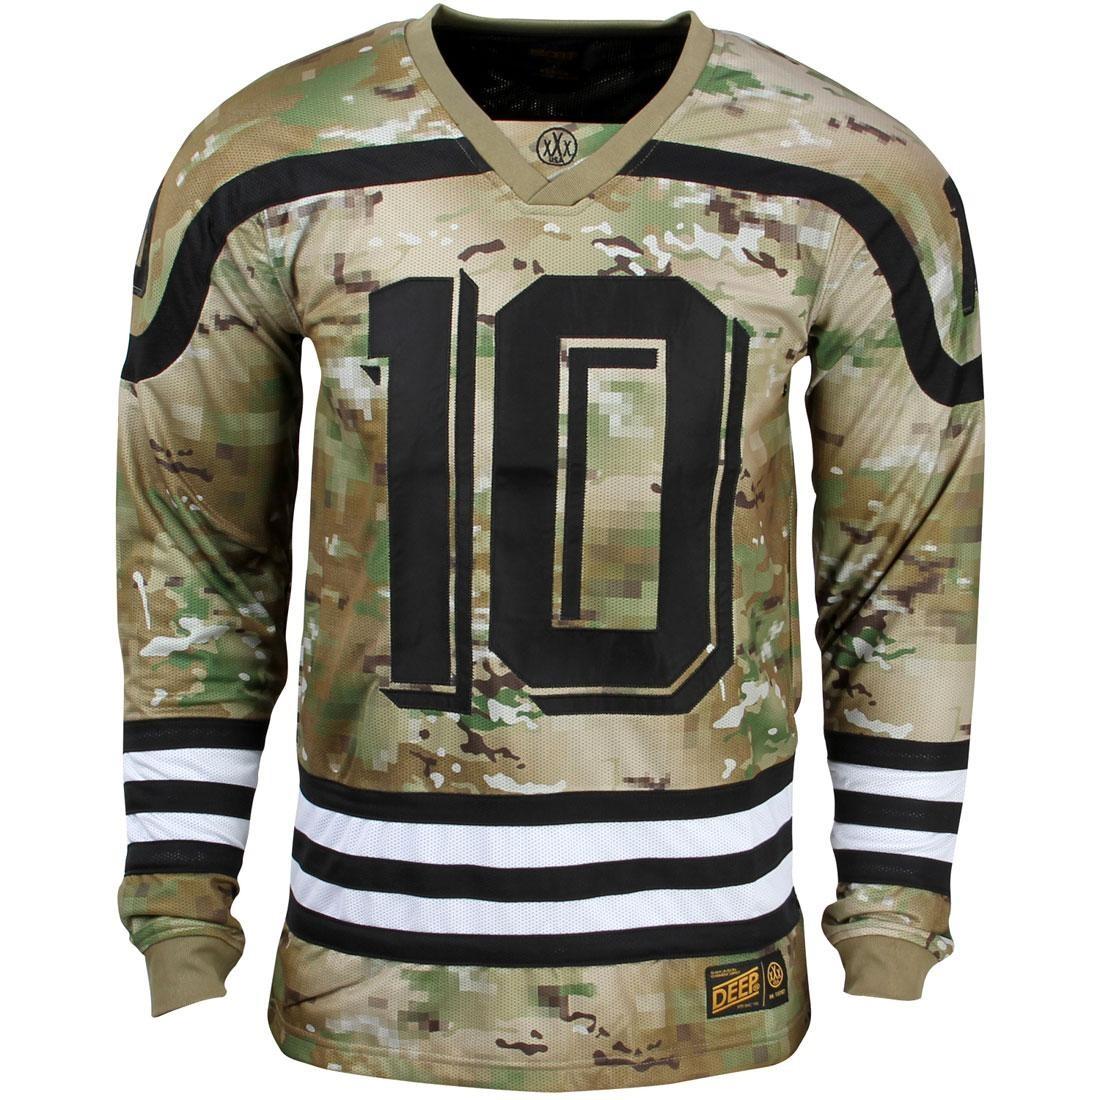 ディープ ジャージ 【 10 DEEP MEN BAZIK JERSEY SHIRT CAMO DIGITAL 】 メンズファッション トップス Tシャツ カットソー